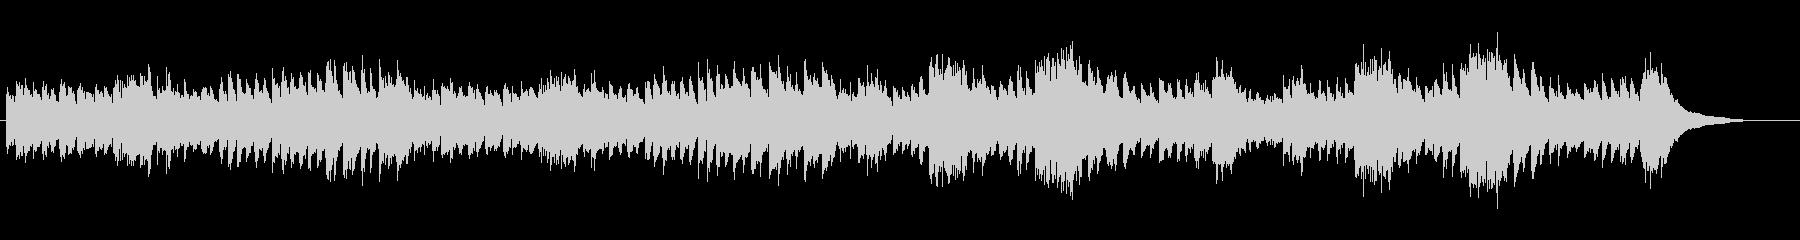 ピアノによる落ち着いたテンポのメヌエットの未再生の波形